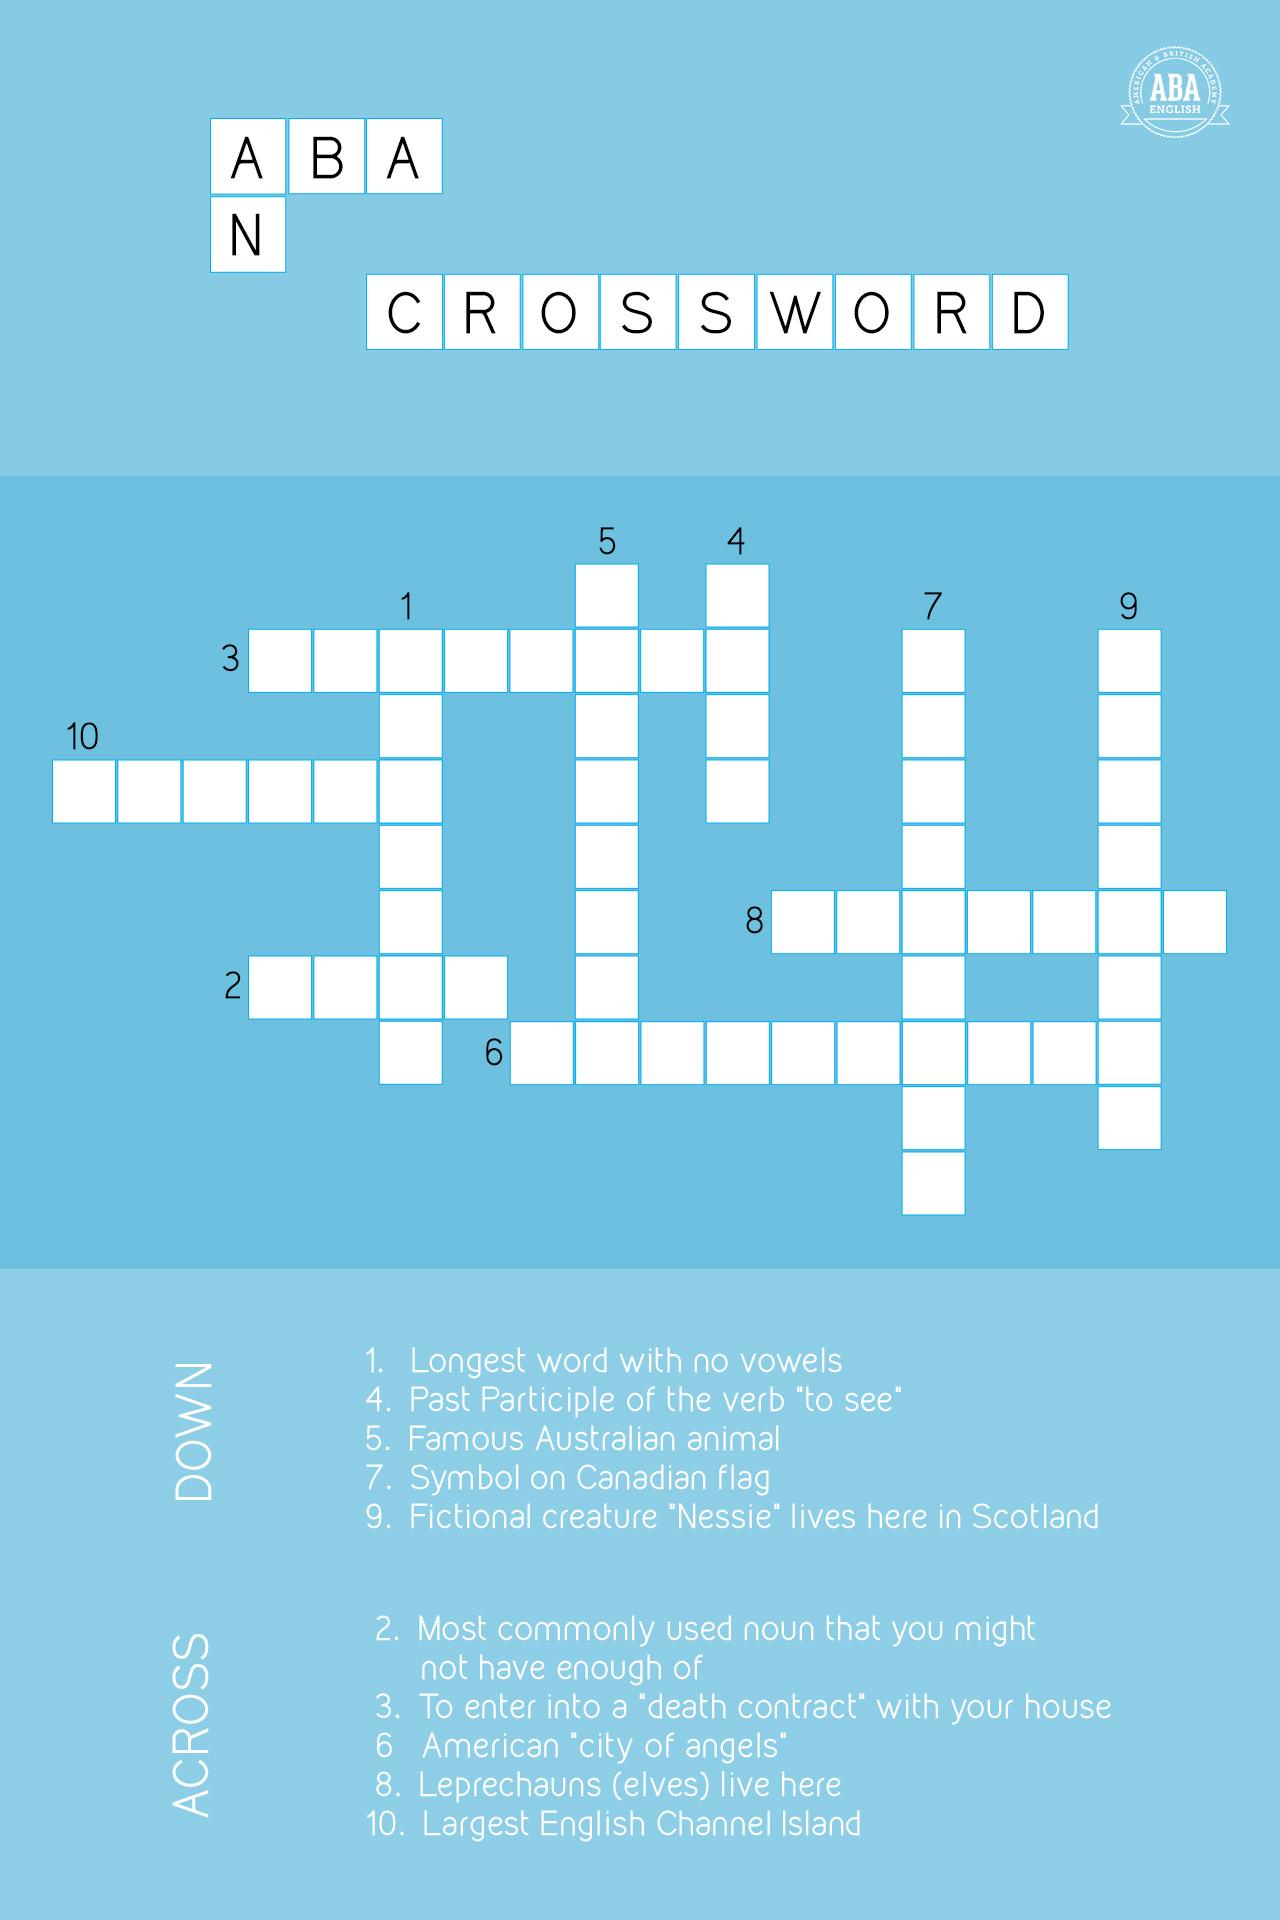 23-april-english-language-day-crossword-abaenglish